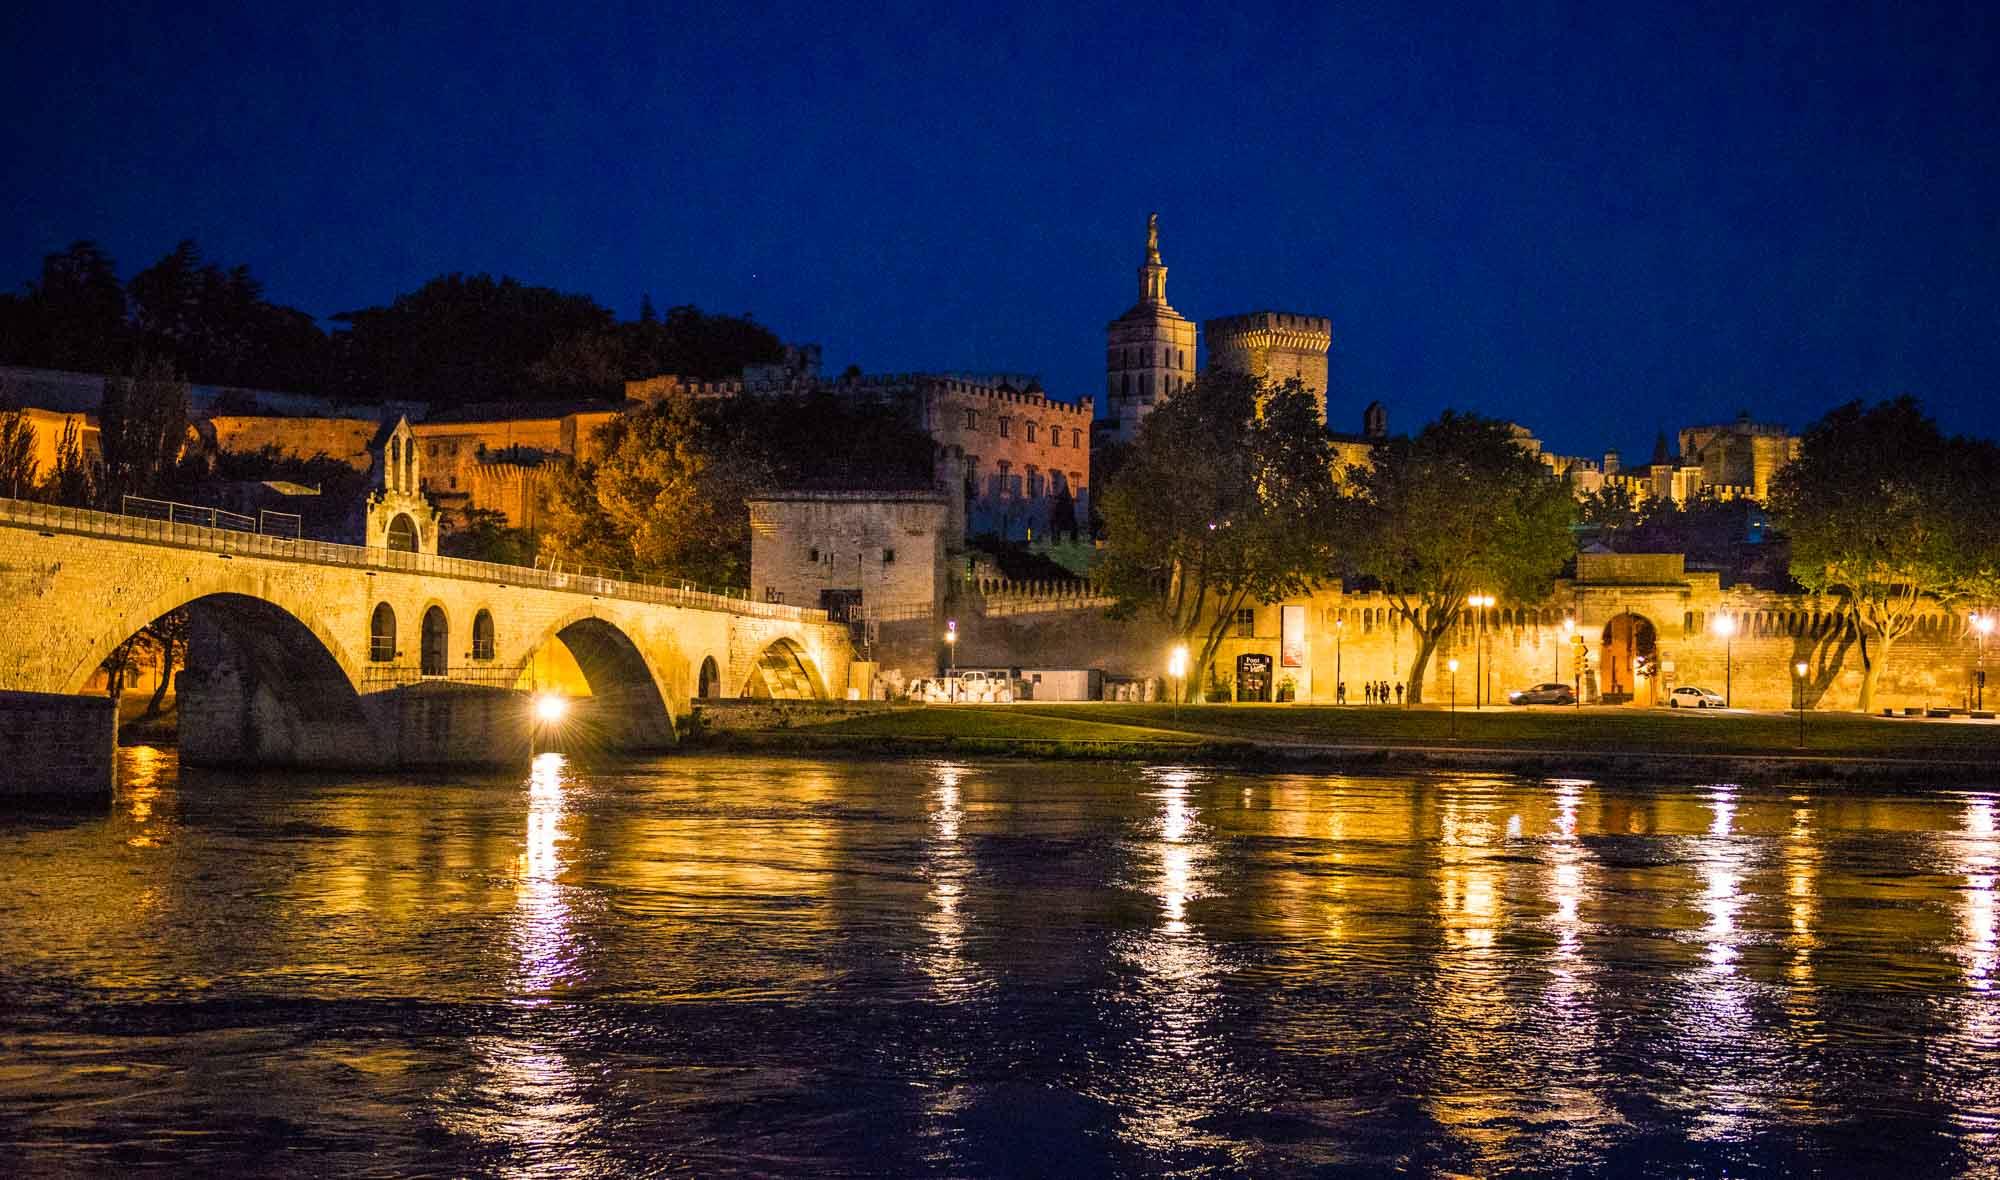 法国阿维尼亚旅游